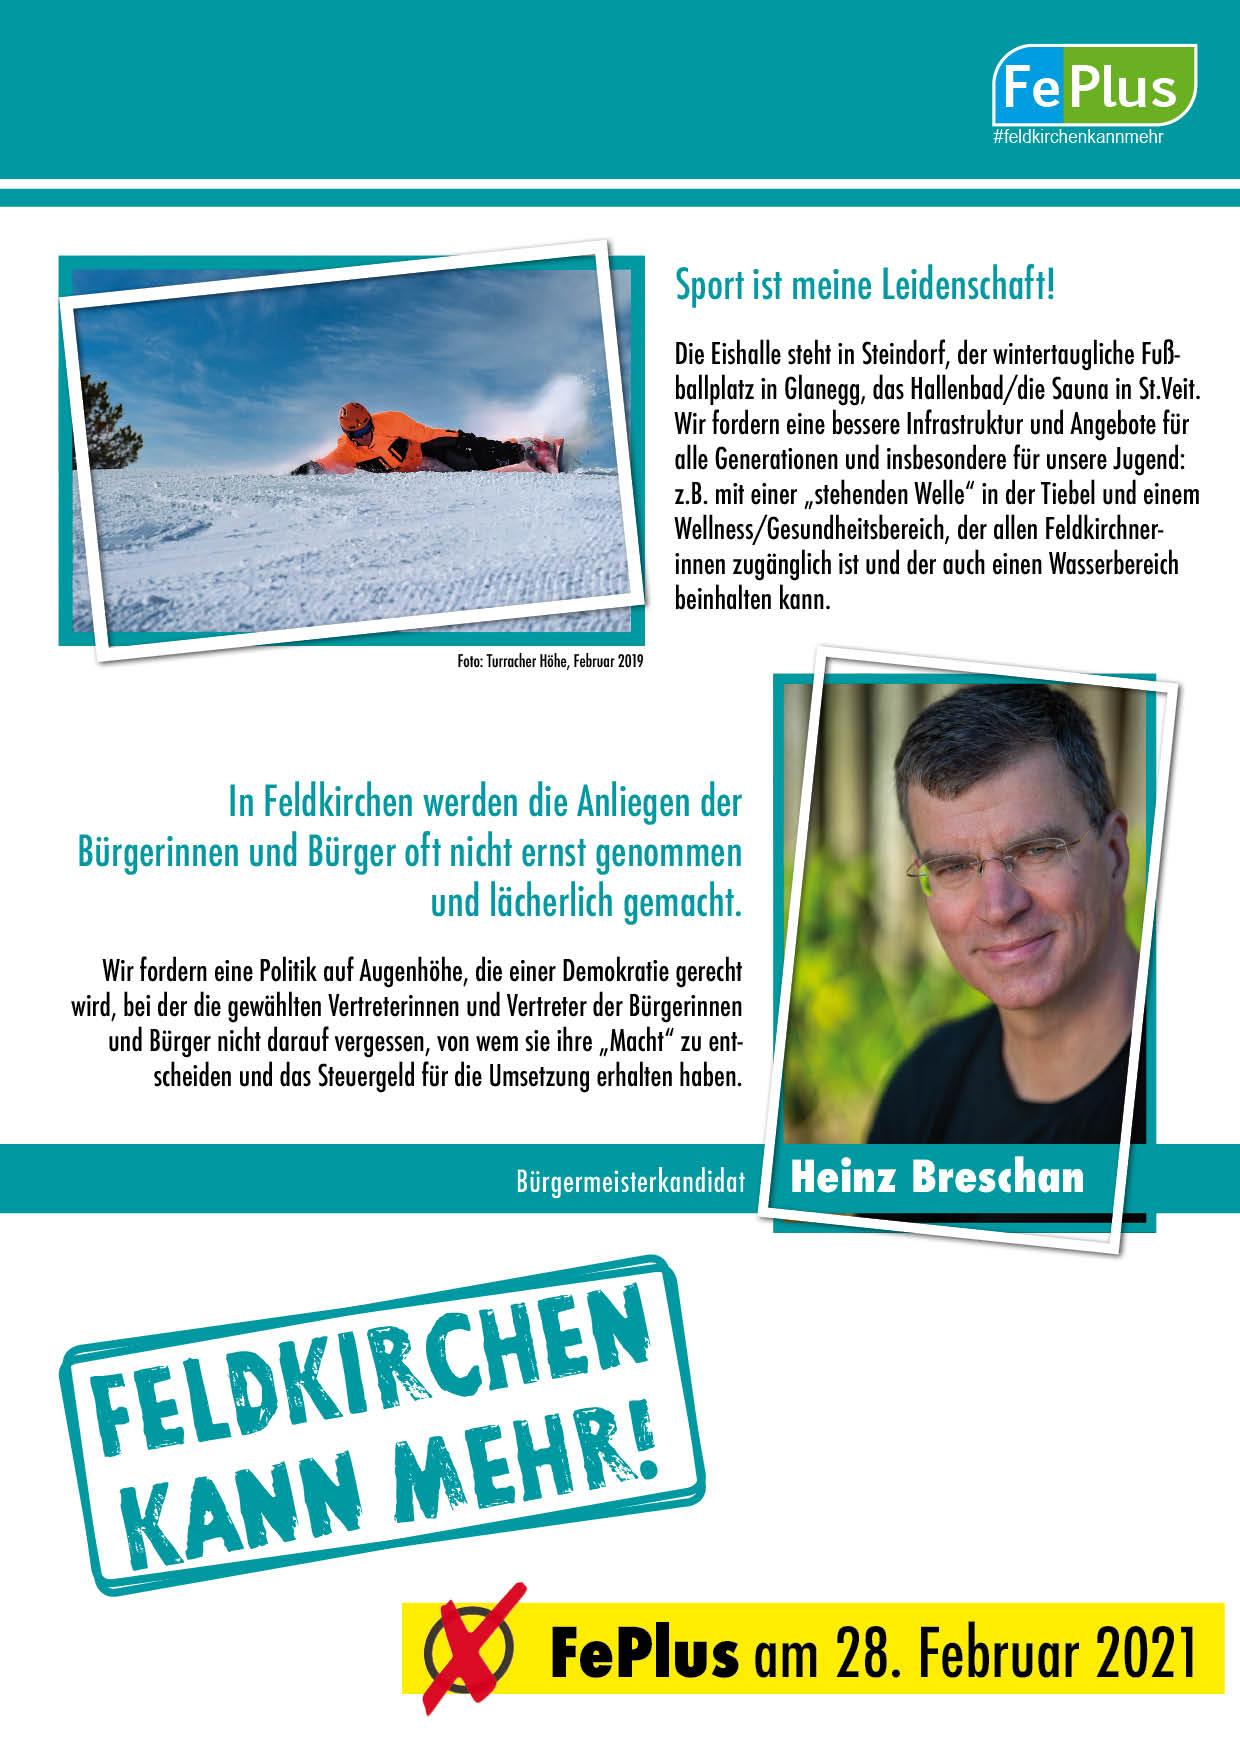 Bürgermeisterkandidat Heinz Breschan 2